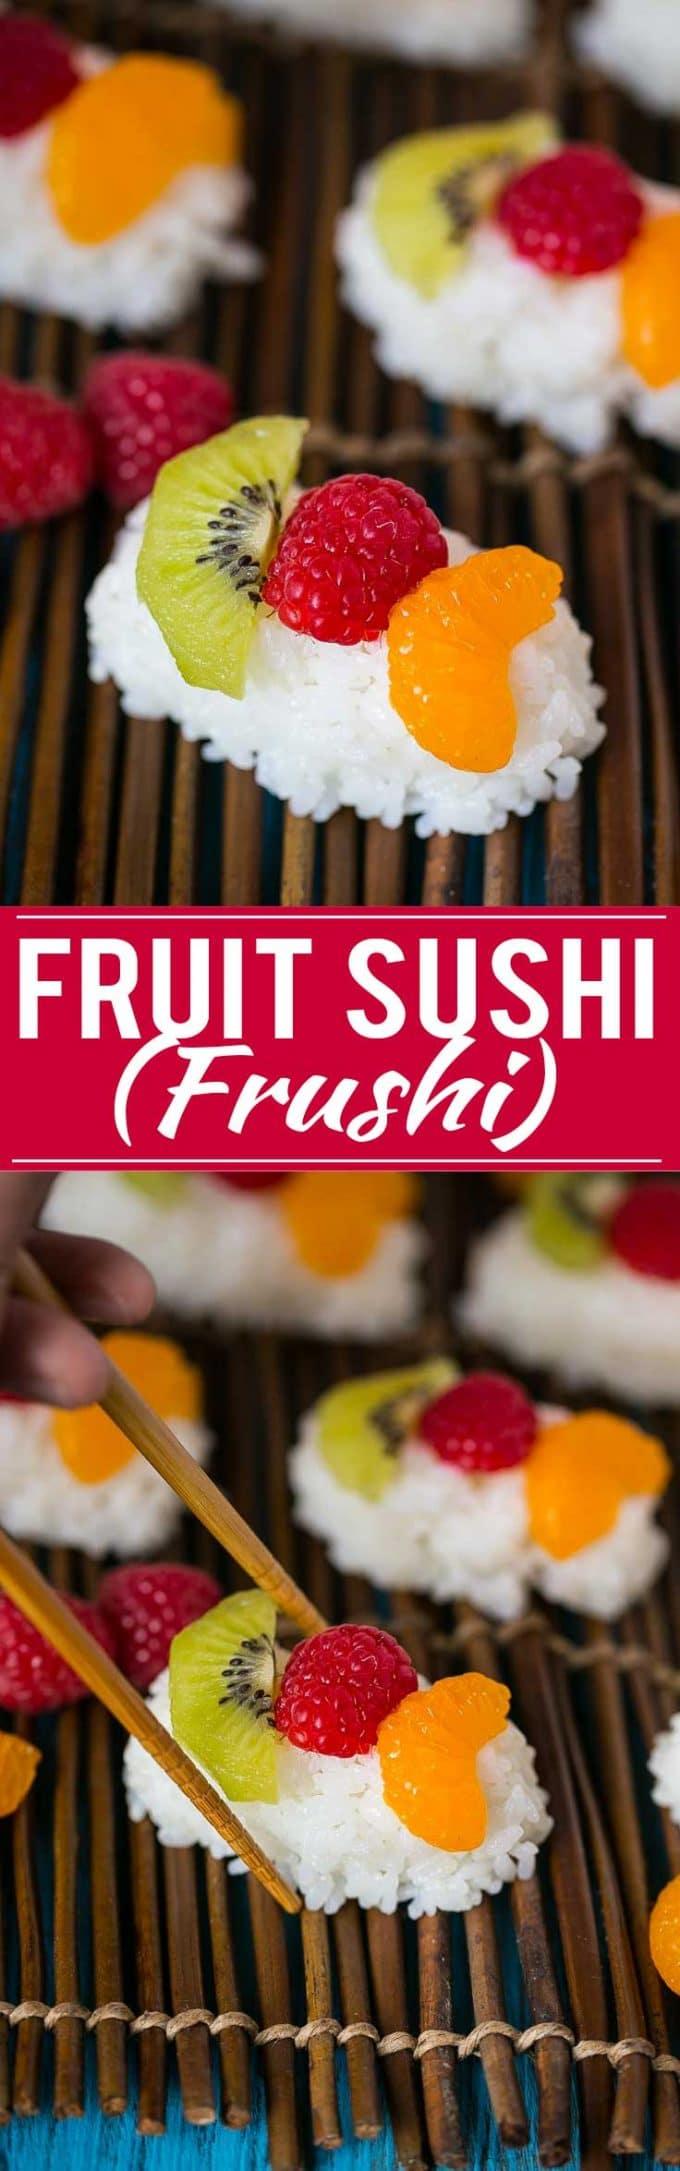 Fruit Sushi (Frushi) Recipie | Fruit Sushi Recipe | Frushi Recipe | Best Fruit Sushi | Dessert Sushi Recipe